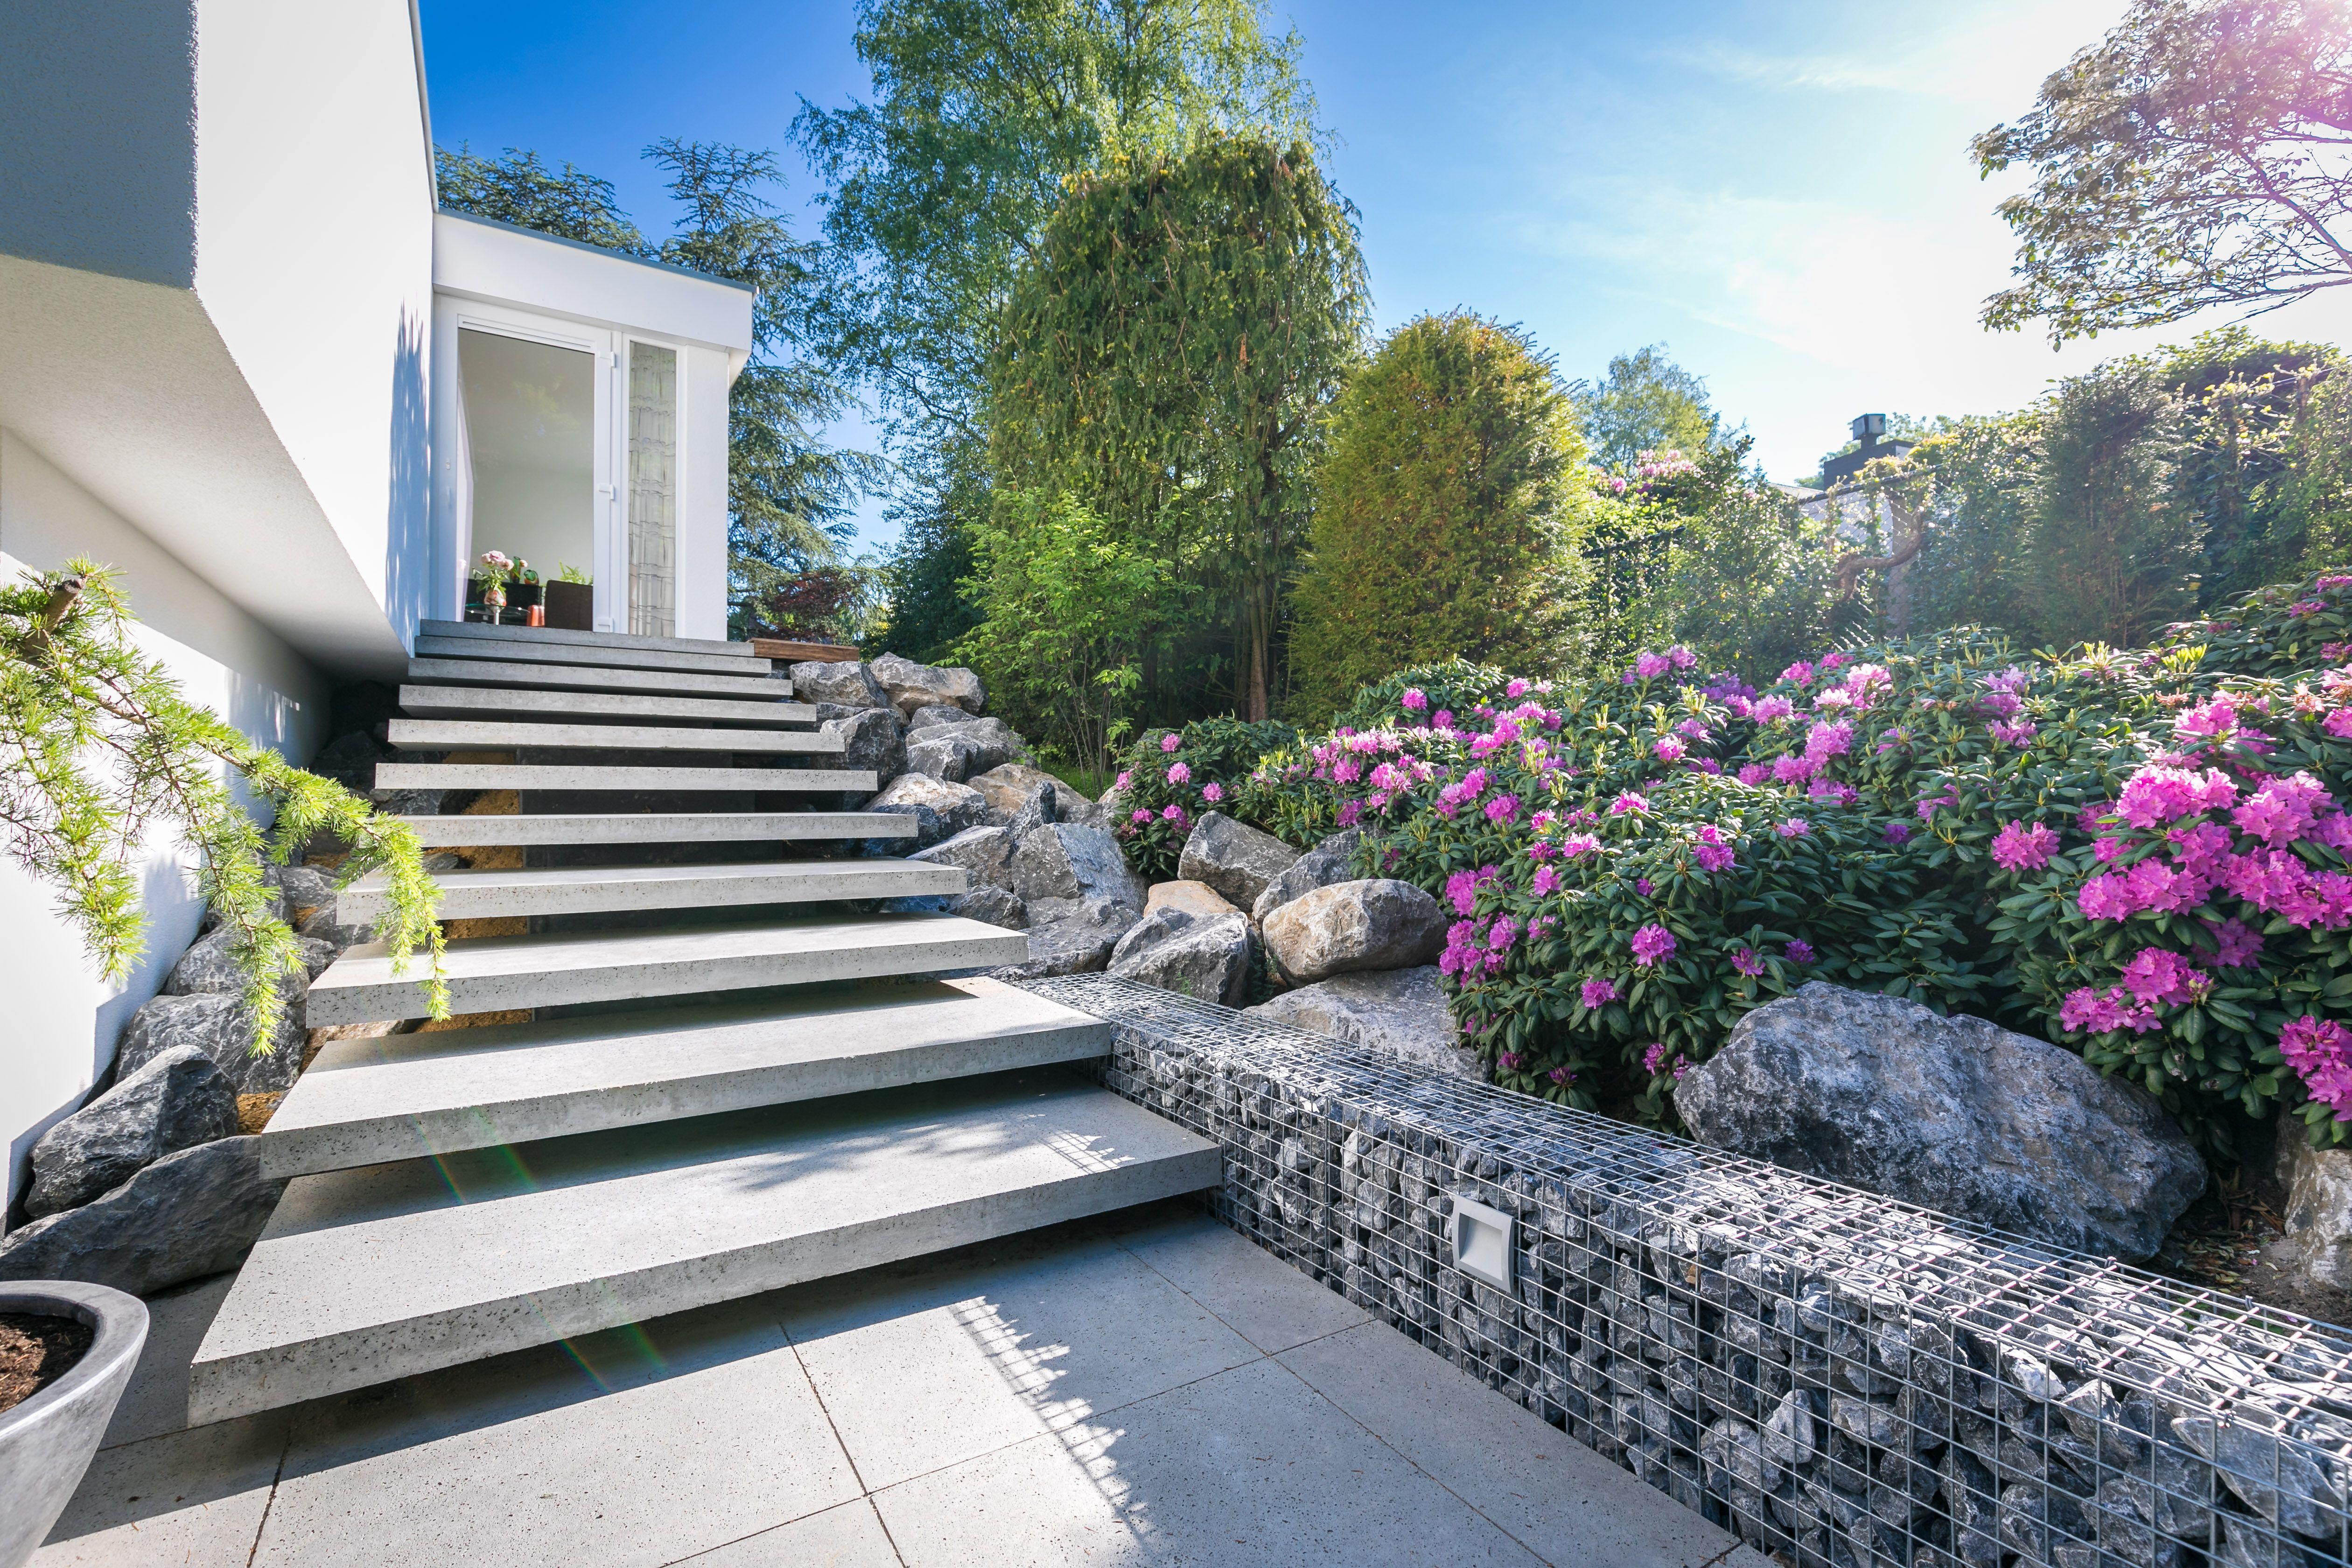 Rotsblokken Voor Tuin : Tuininspiratie schanskorven rhododendron zwevende trap